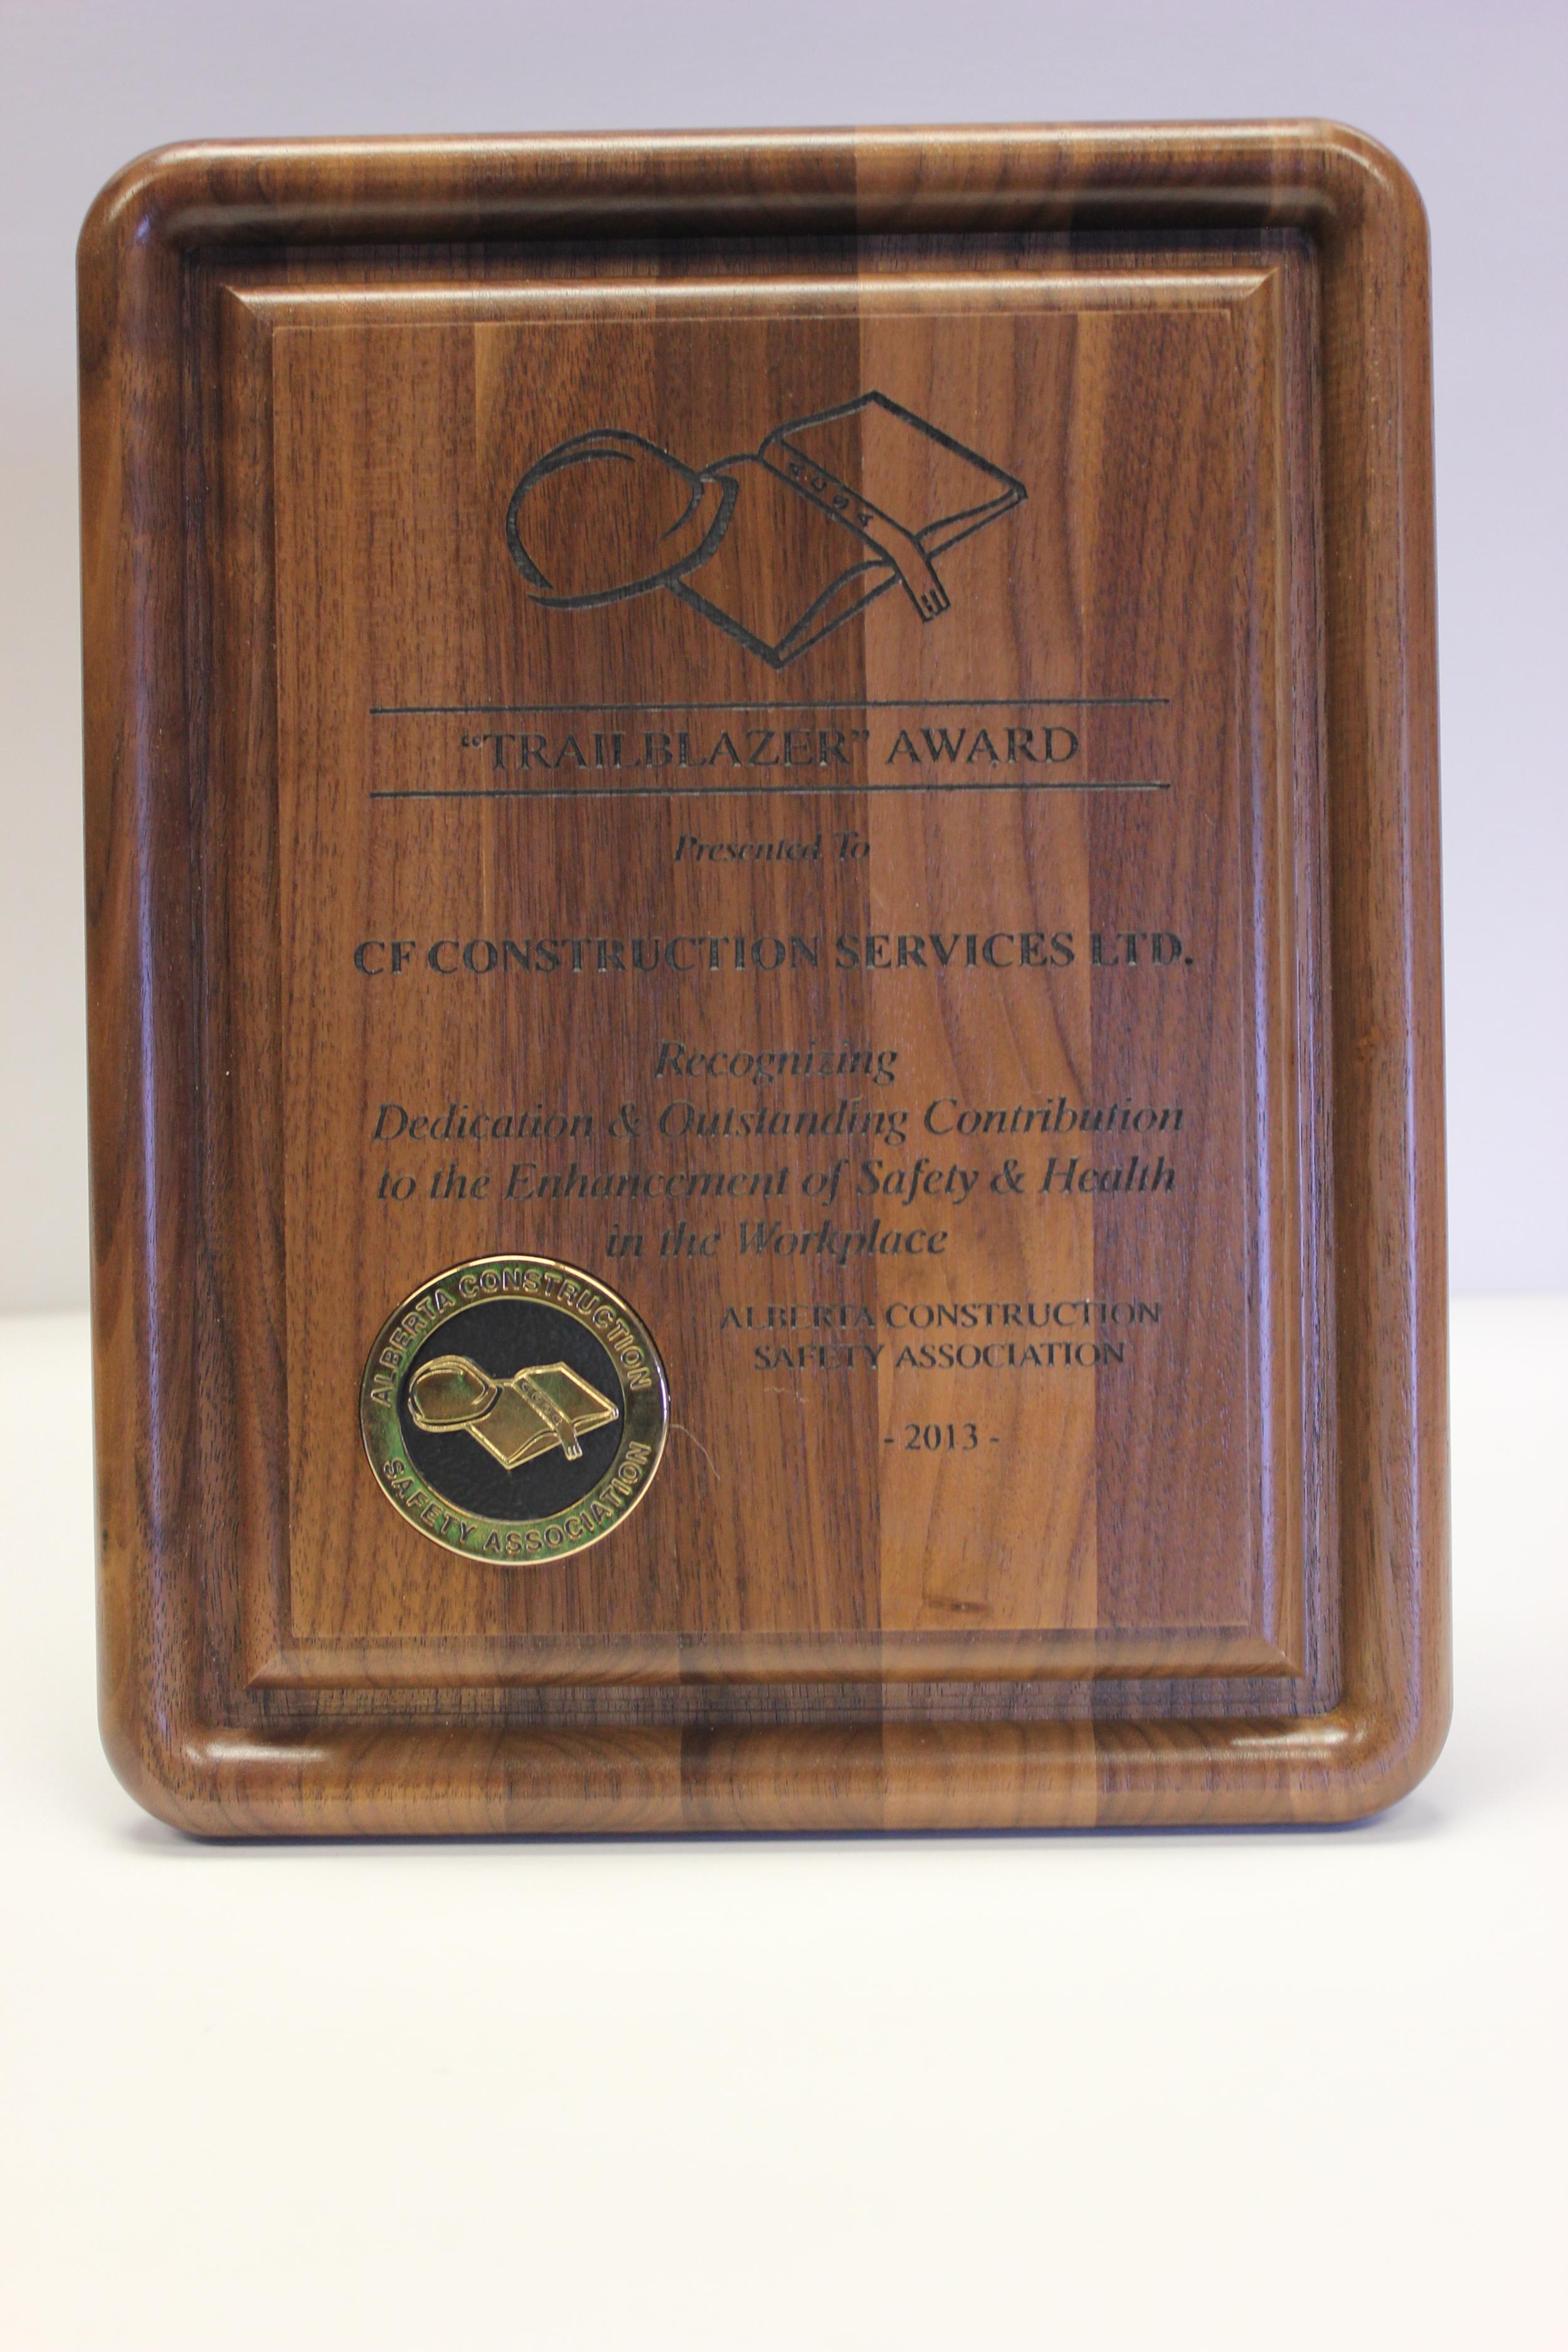 2014 Trailblazer Award